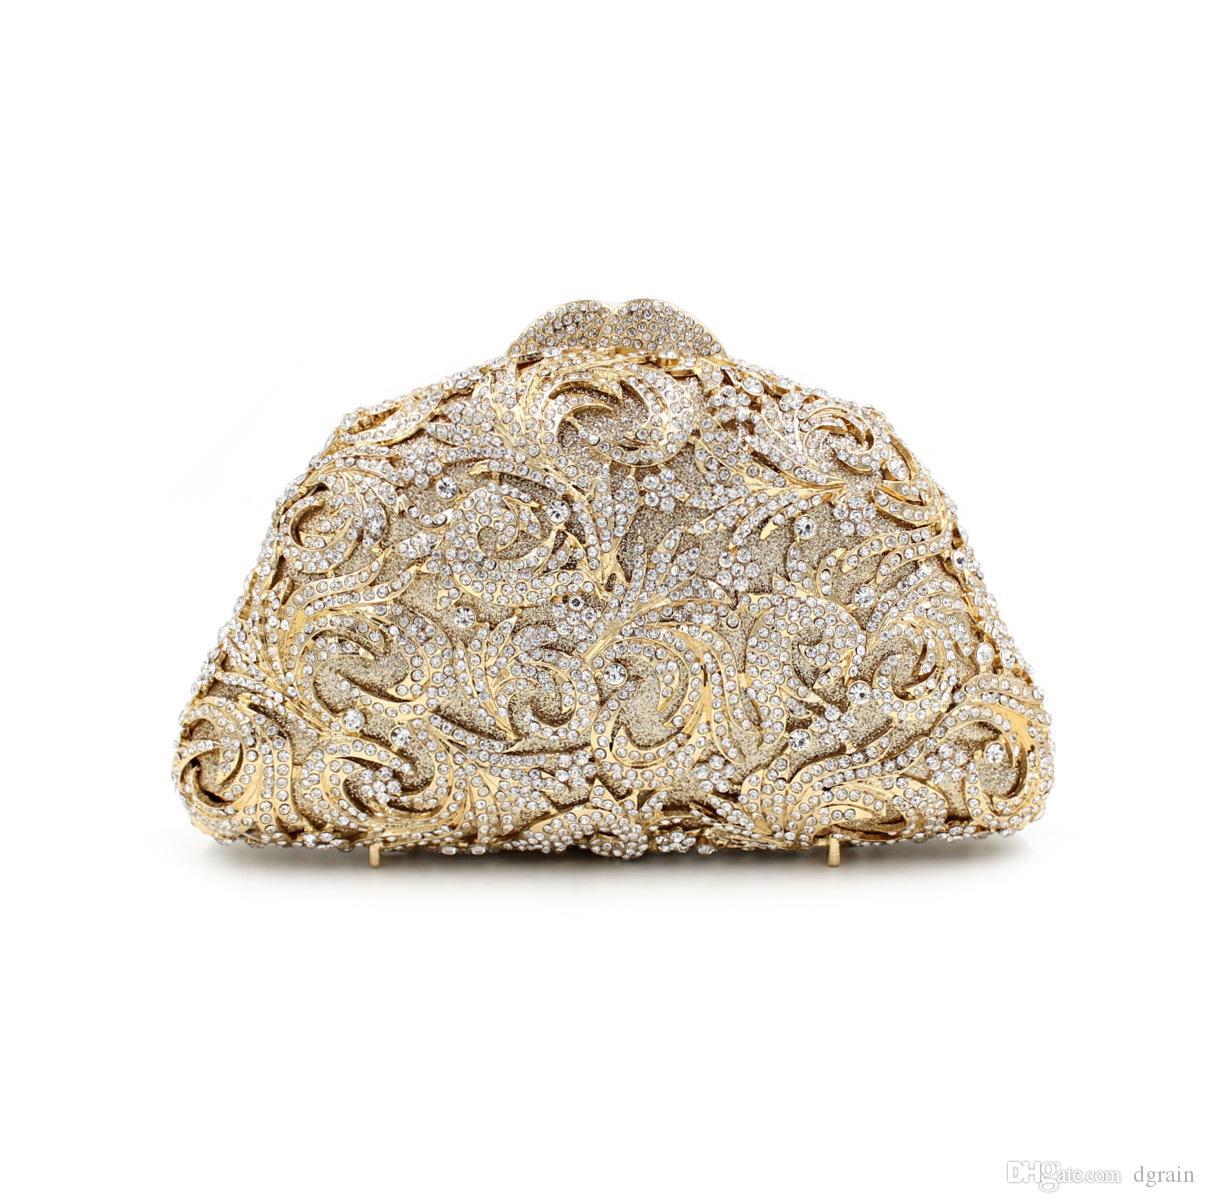 Dgrain Dazzling Gold Flower Frauen Kristall Clutch Abendtaschen aushöhlen Hochzeit Schultertasche und Geldbeutel Minaudiere Damen-Geldbeutel